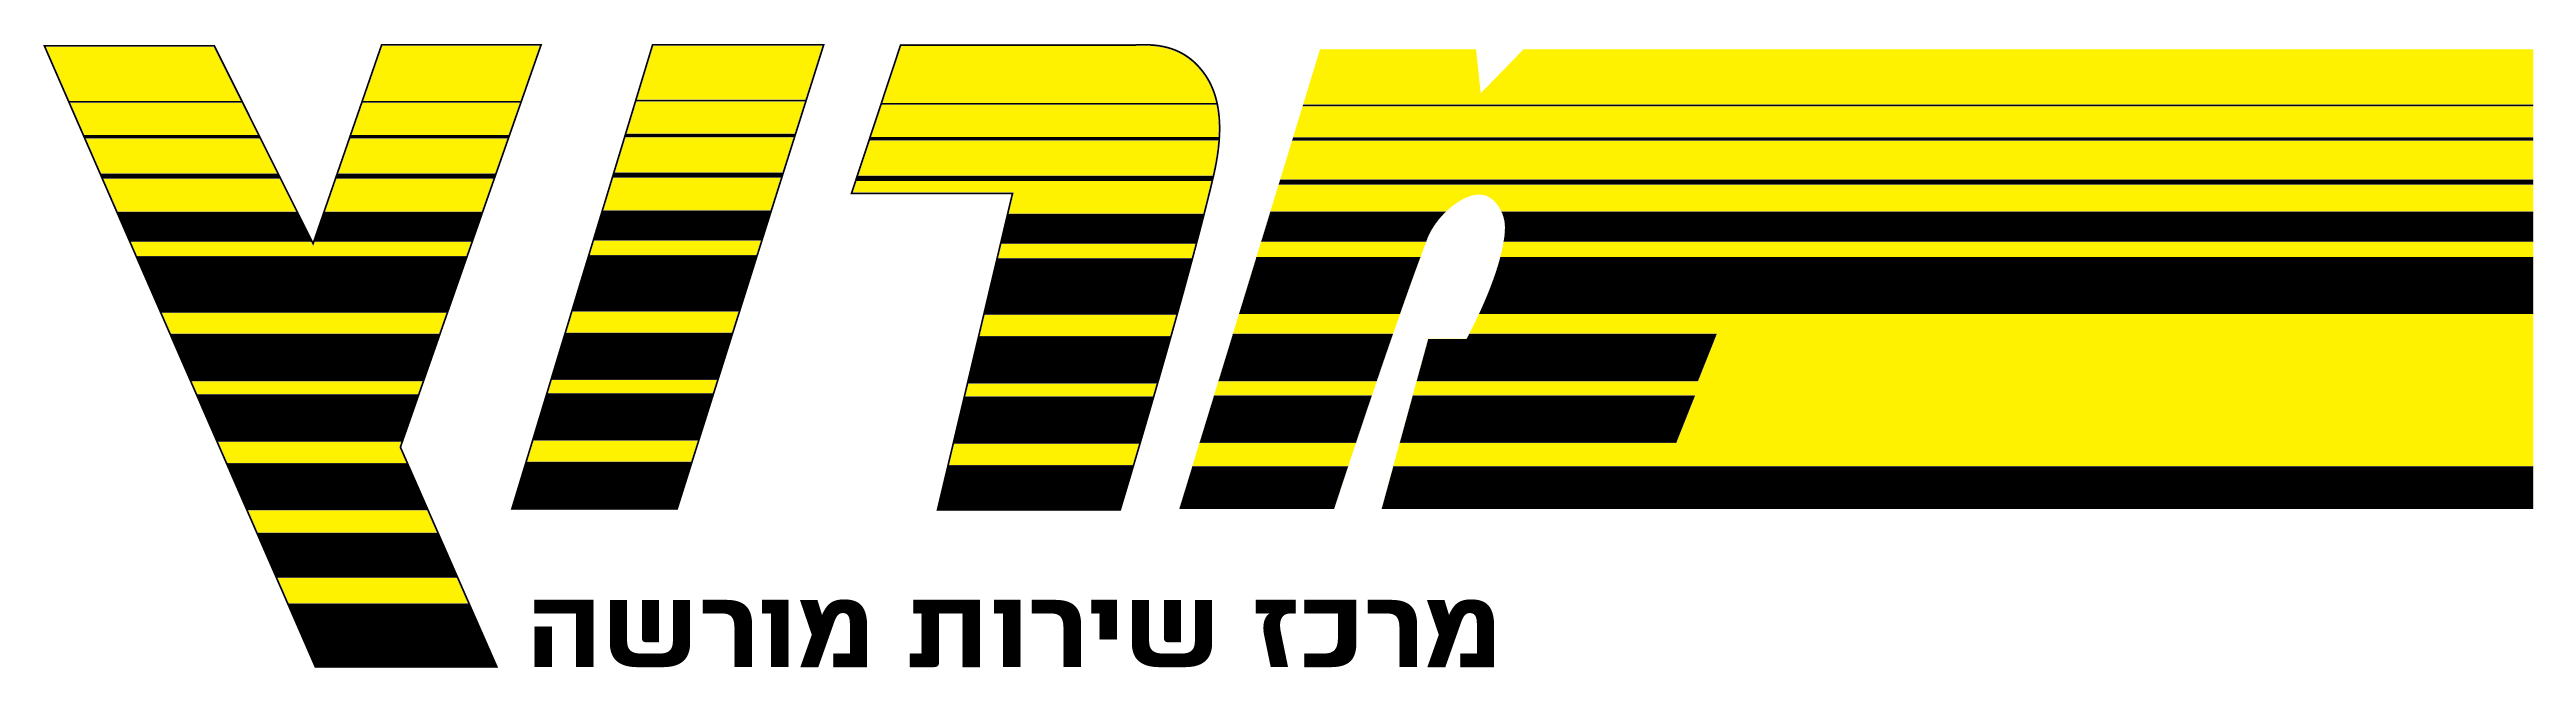 מרוץ מרכז שרות מורשה לוגו